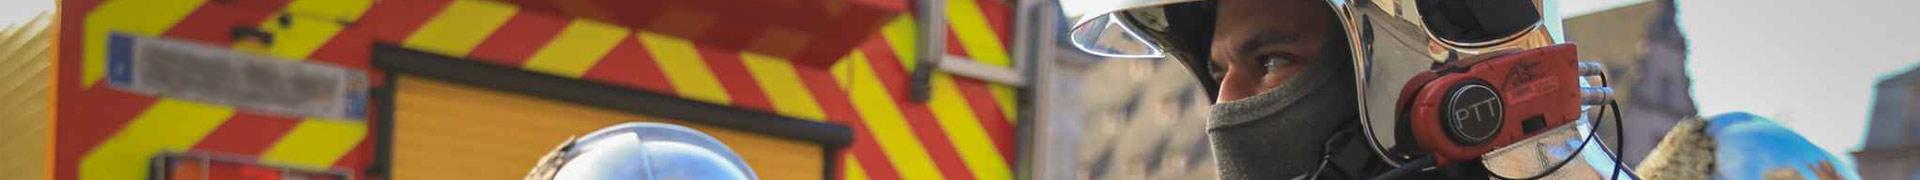 Thématique d'une aire de jeux - Pompiers